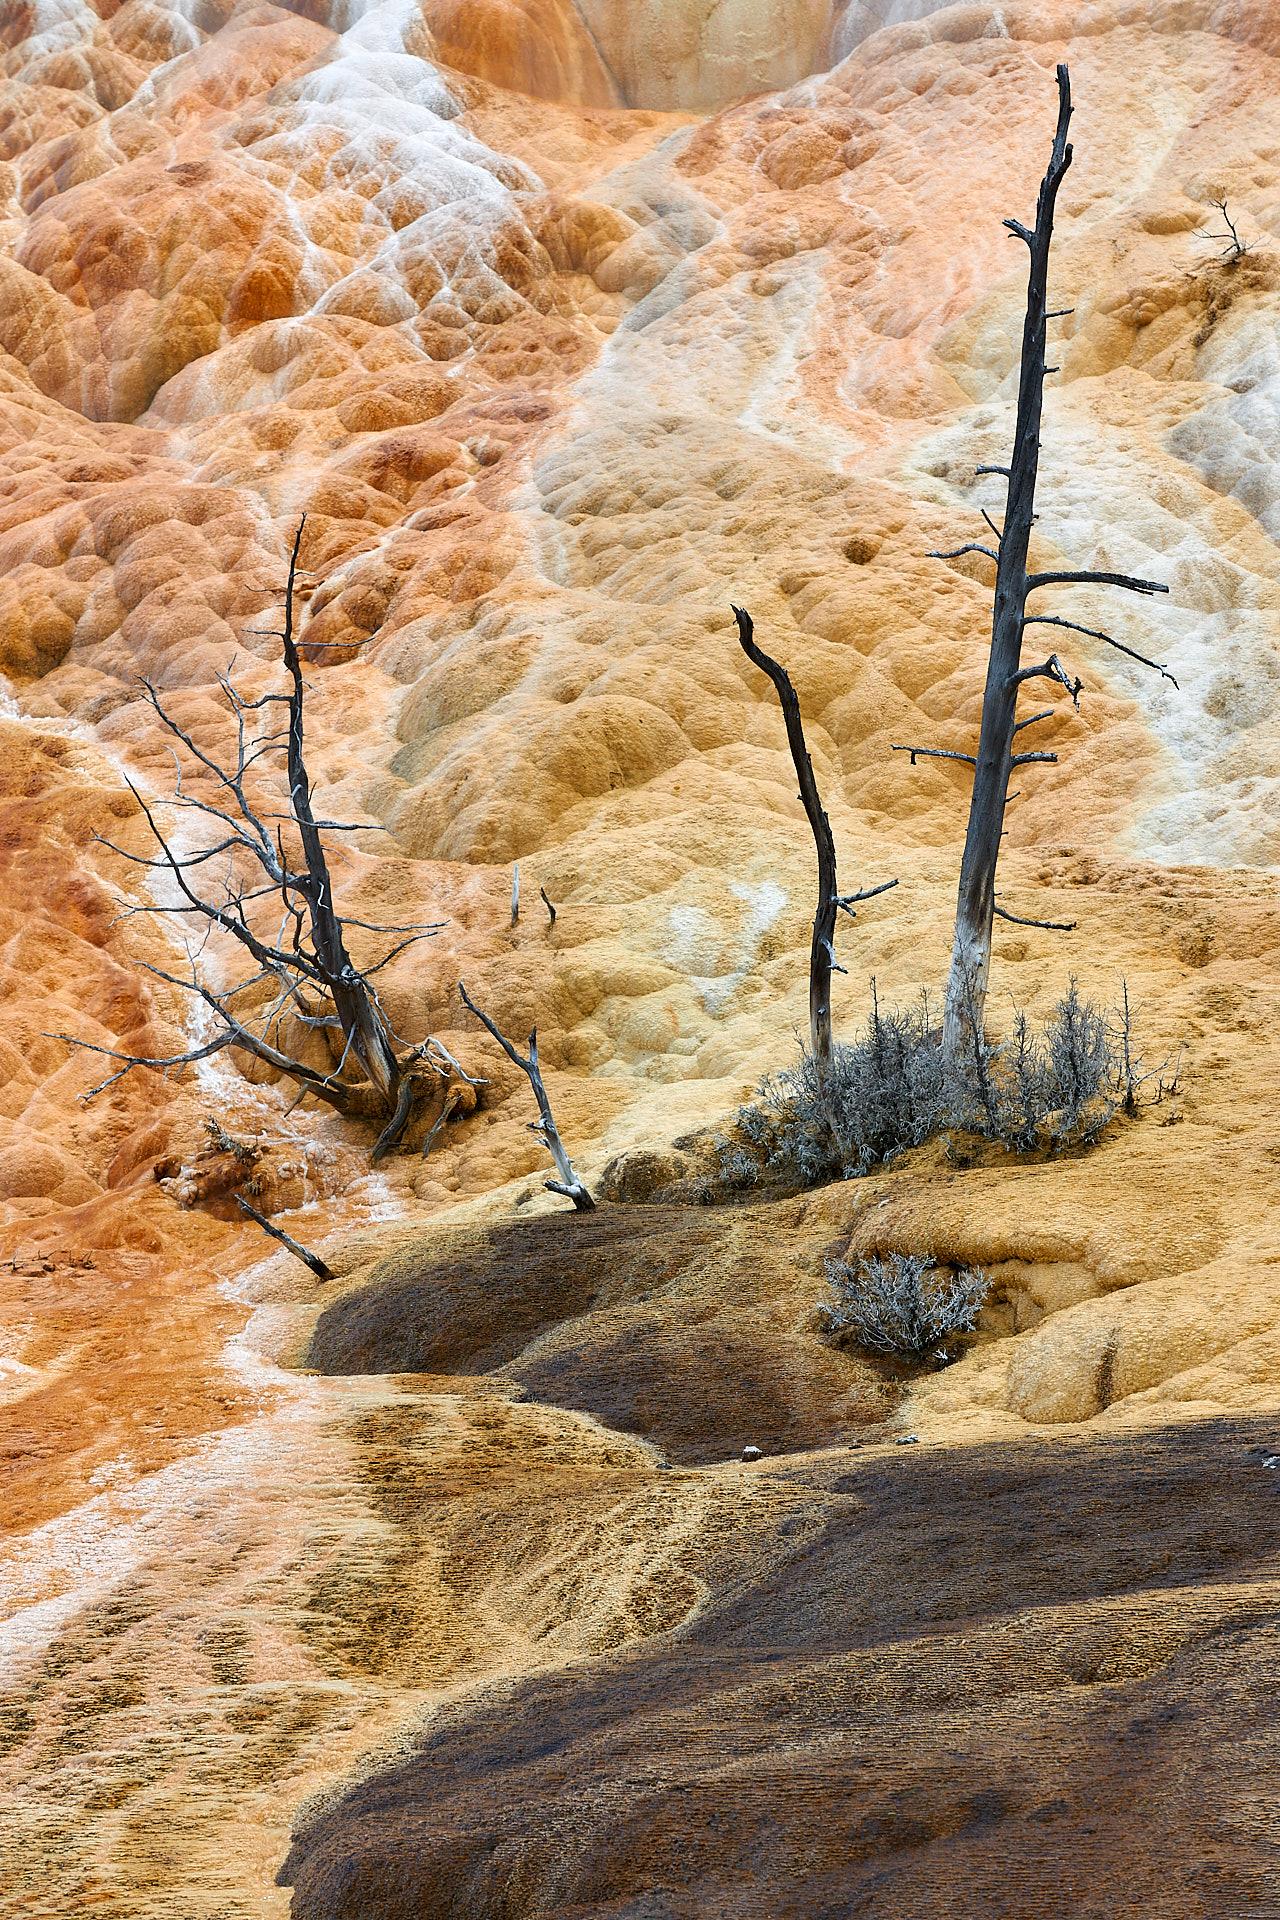 Diese alten Bäume hatten das Pech auf einer heißen Quelle zu wachsen.Kamera: NIKON D3X Brennweite: 105mm 1/160 s bei Blende f/8.0